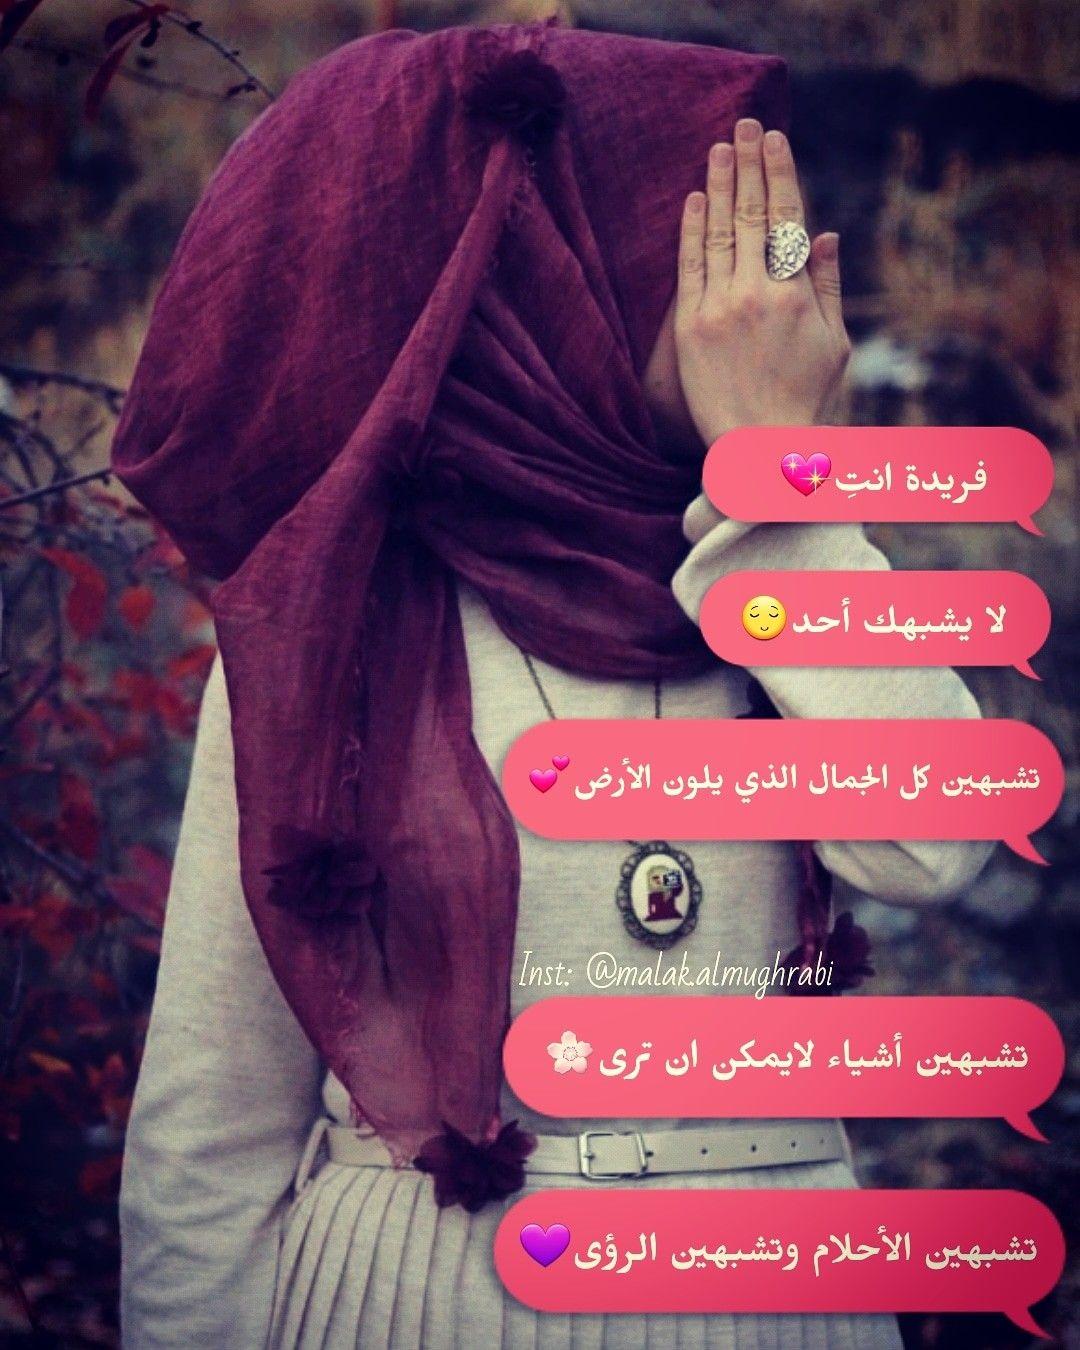 فريدة انت لا يشبهك أحد تشبهين كل الجمال الذي يلون الأرض تشبهين أشياء لا يمكن ان ترى تشبهين Arabic Love Quotes Black Beauties Arabic Quotes